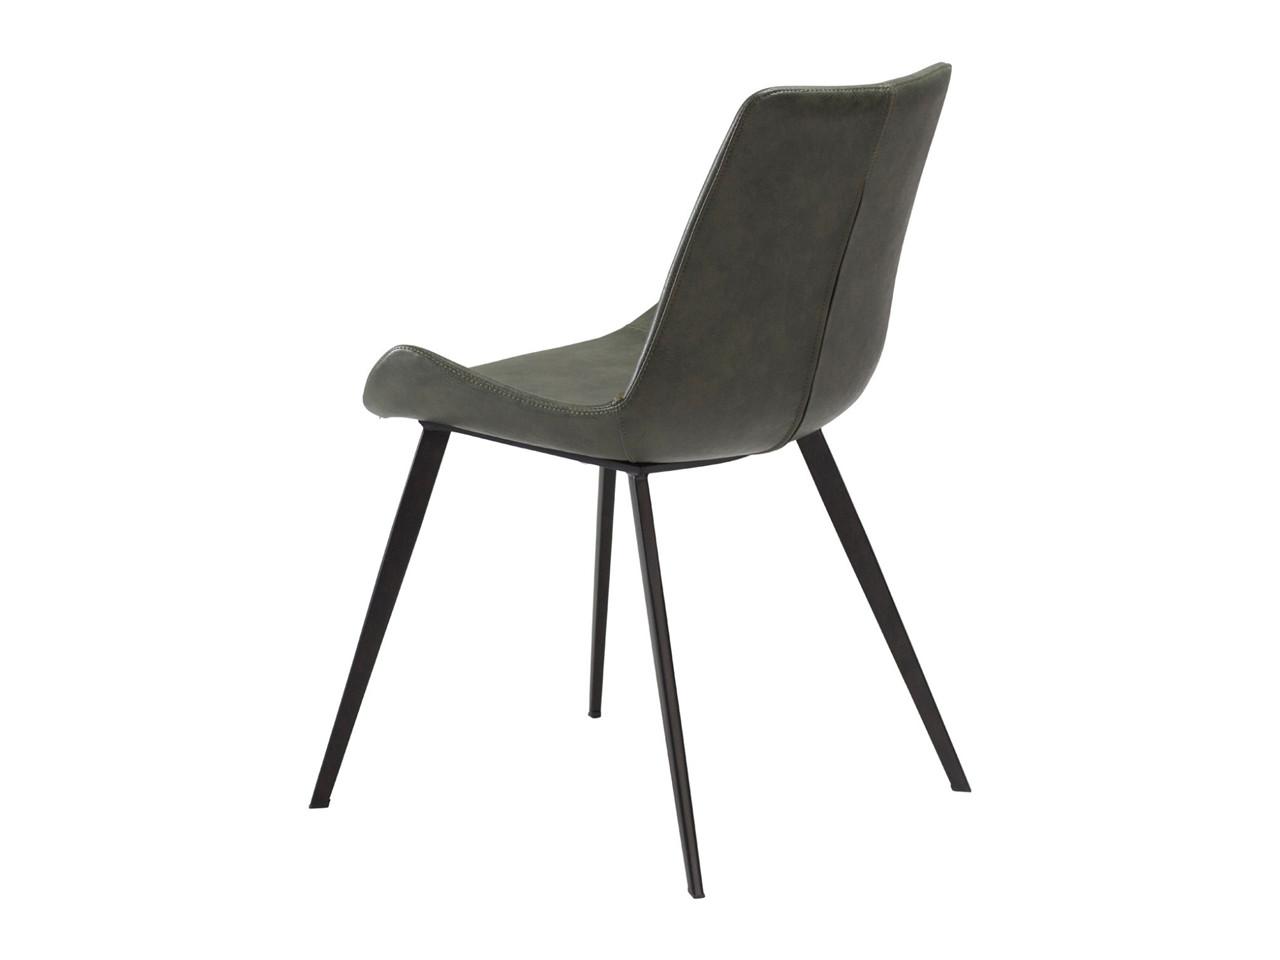 Hype spisebordsstol Grøn læderlook